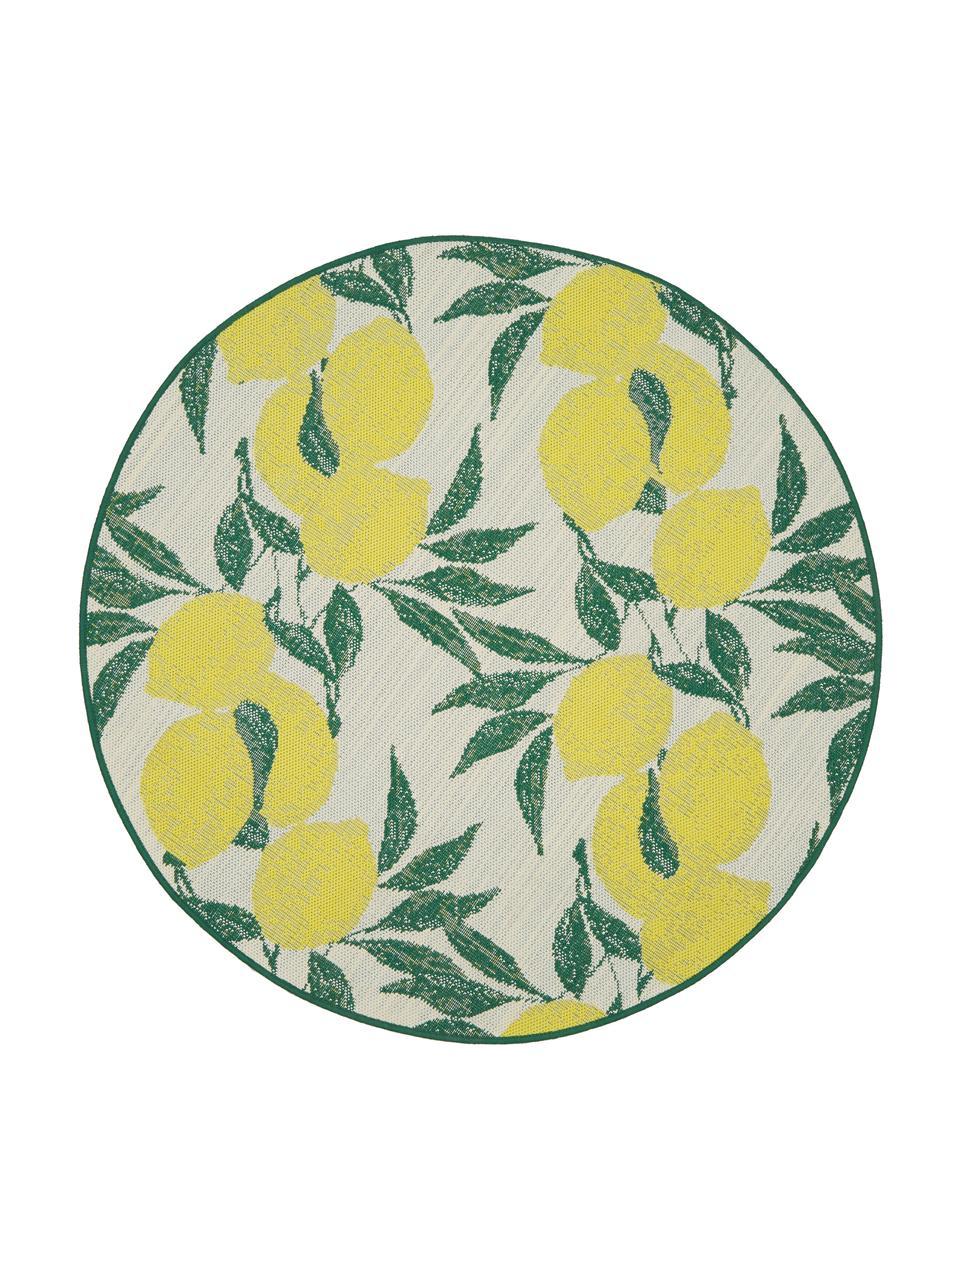 Dywan wewnętrzny/zewnętrzny Limonia, 86% polipropylen, 14% poliester, Biały, żółty, zielony, Ø 200 cm (Rozmiar L)